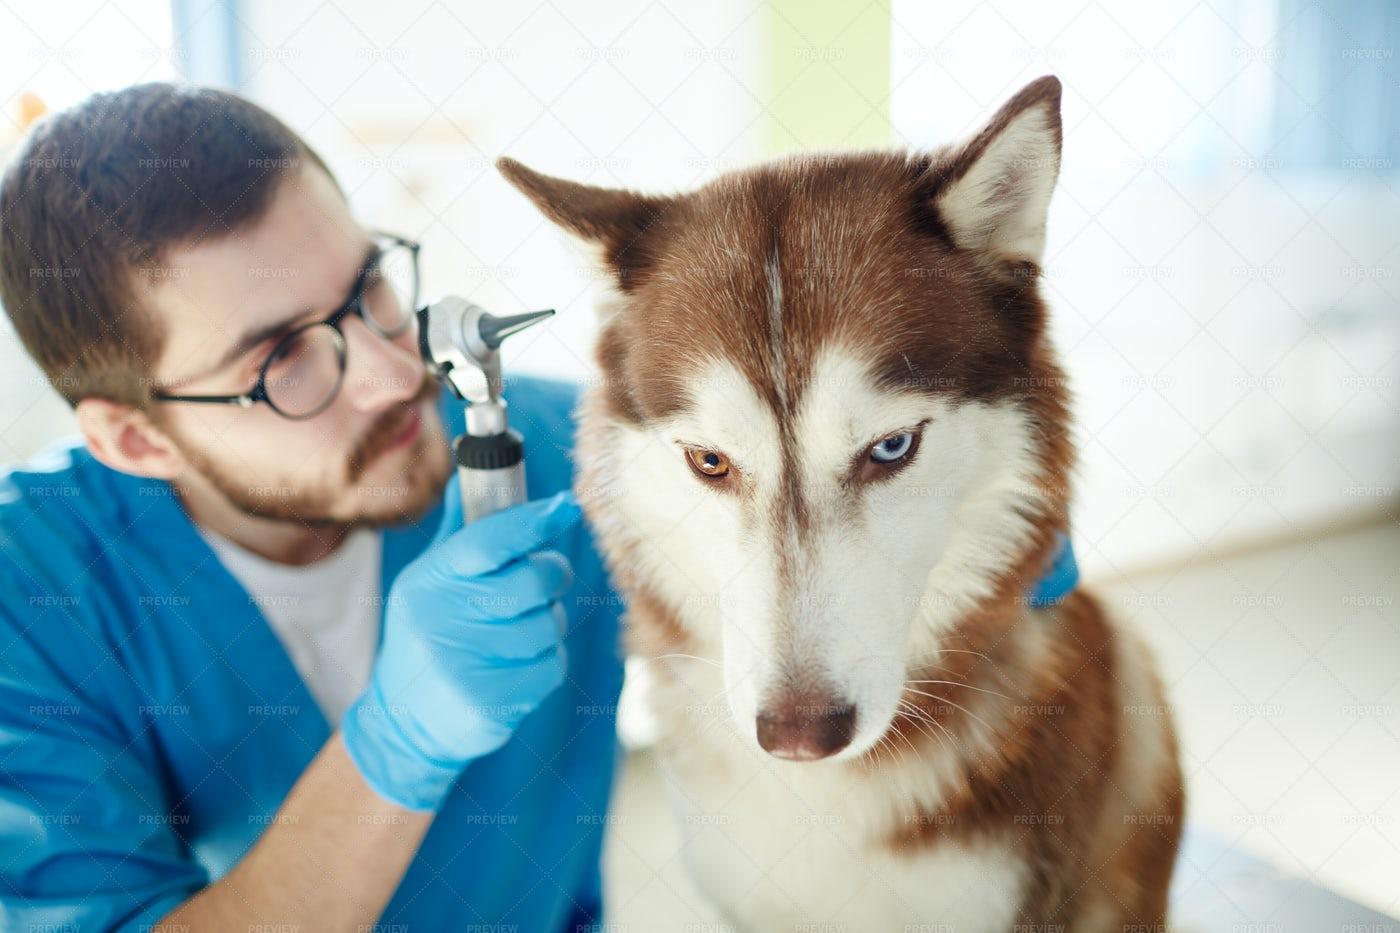 Ear Checkup: Stock Photos